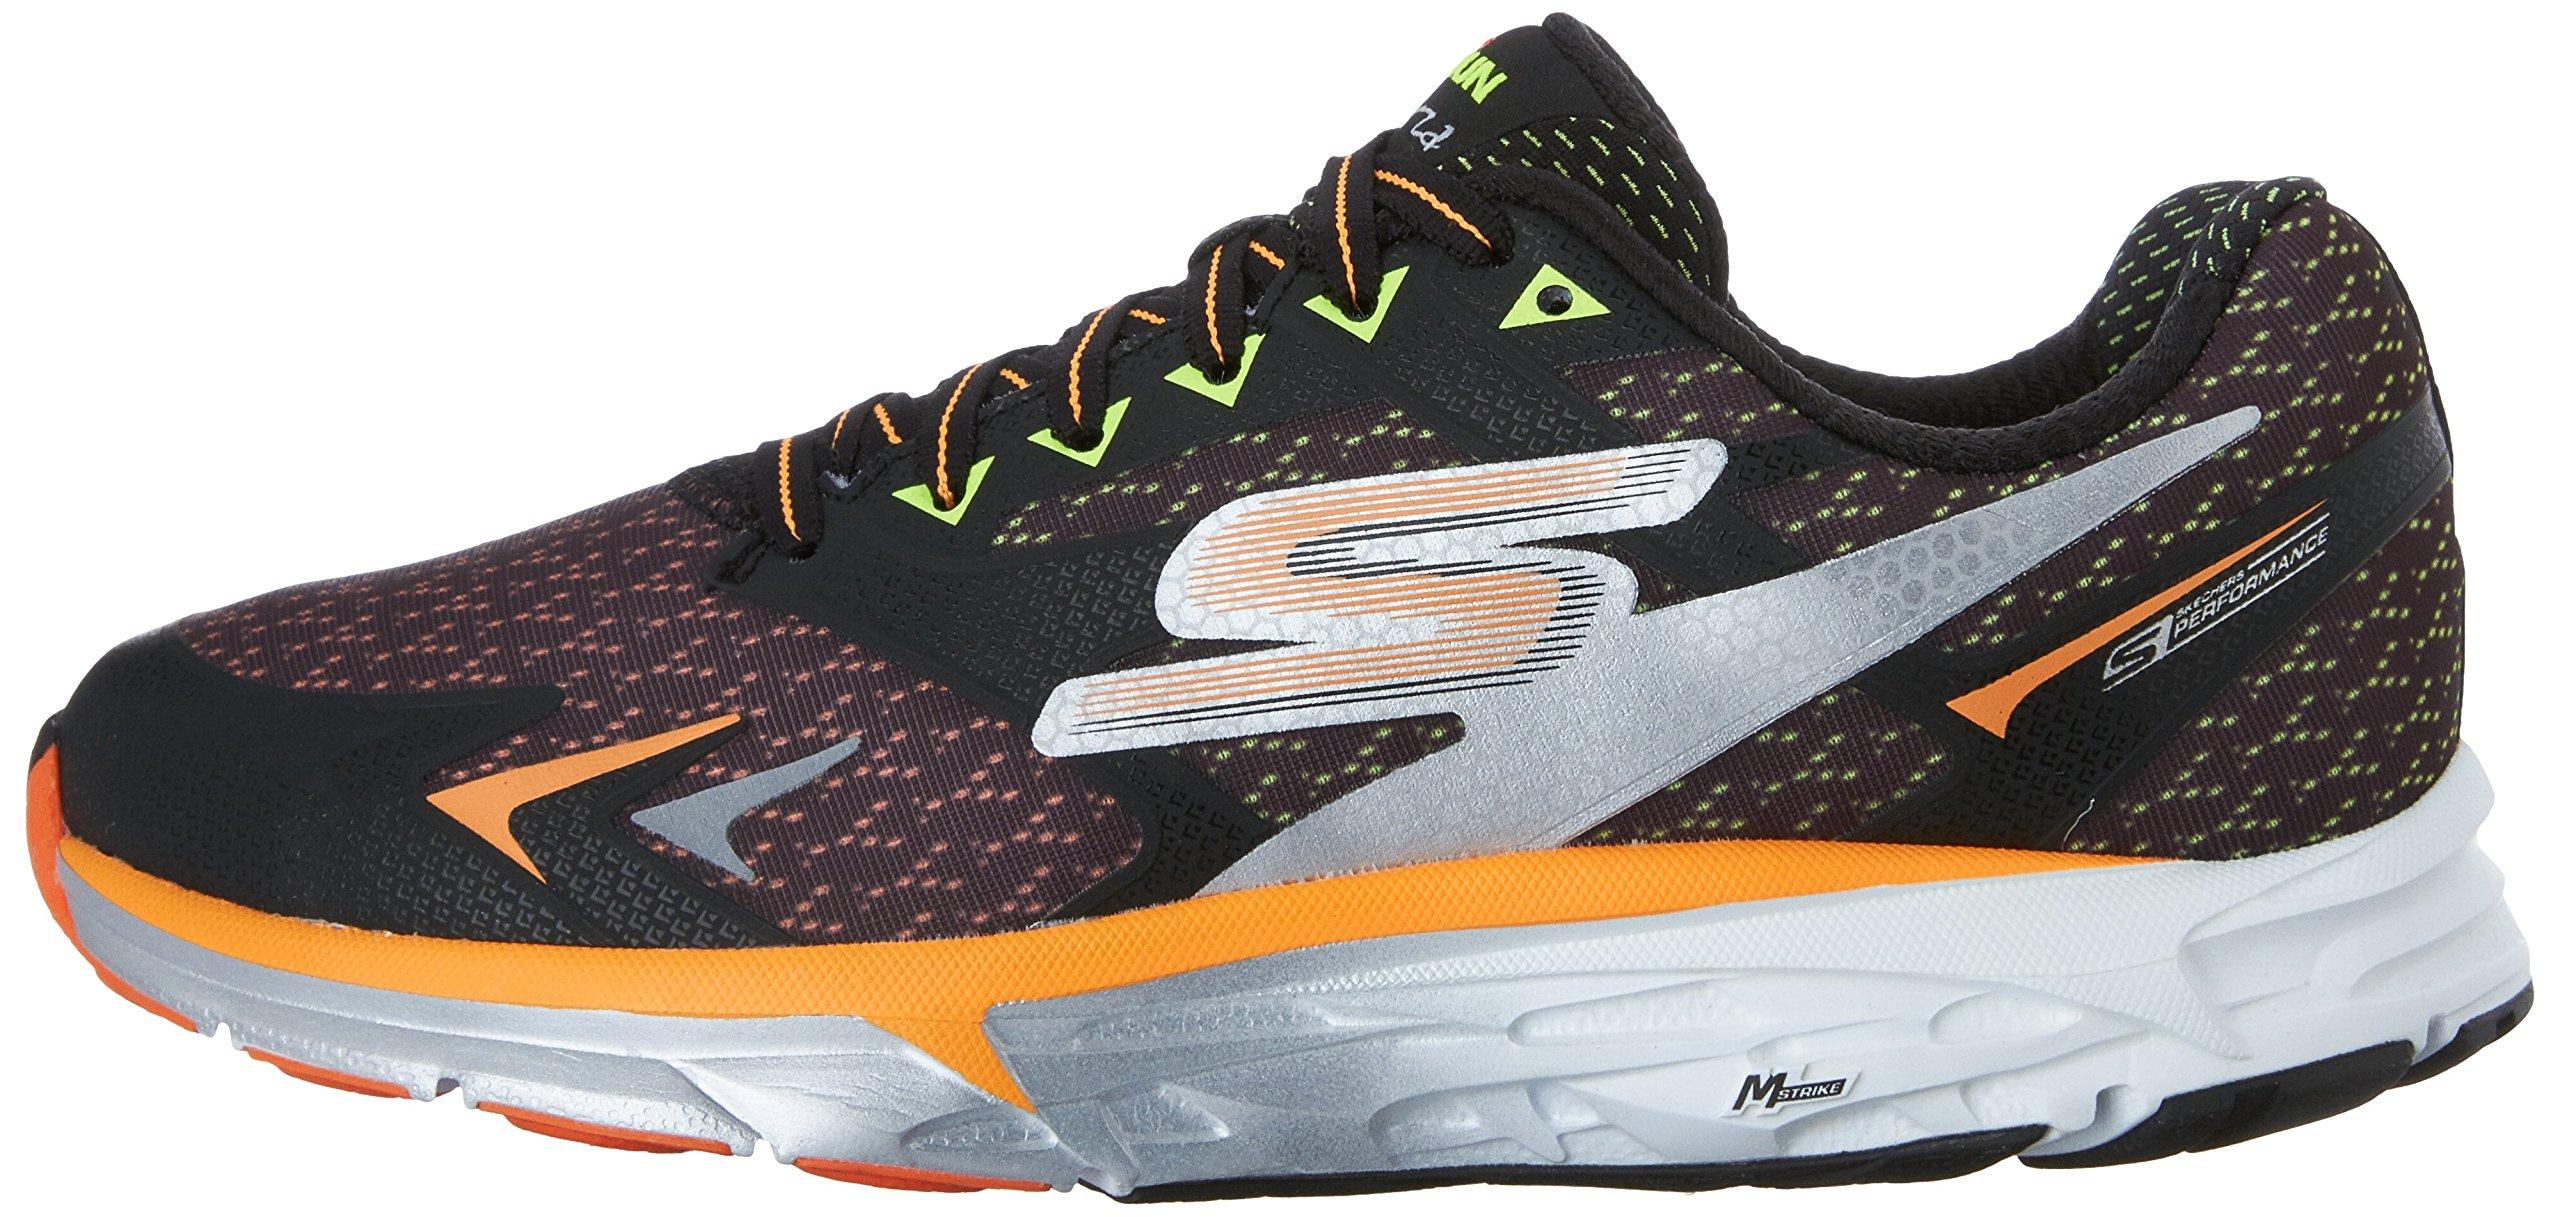 81SPU1IVuVL - Skechers Men's Go Forza Running Shoes